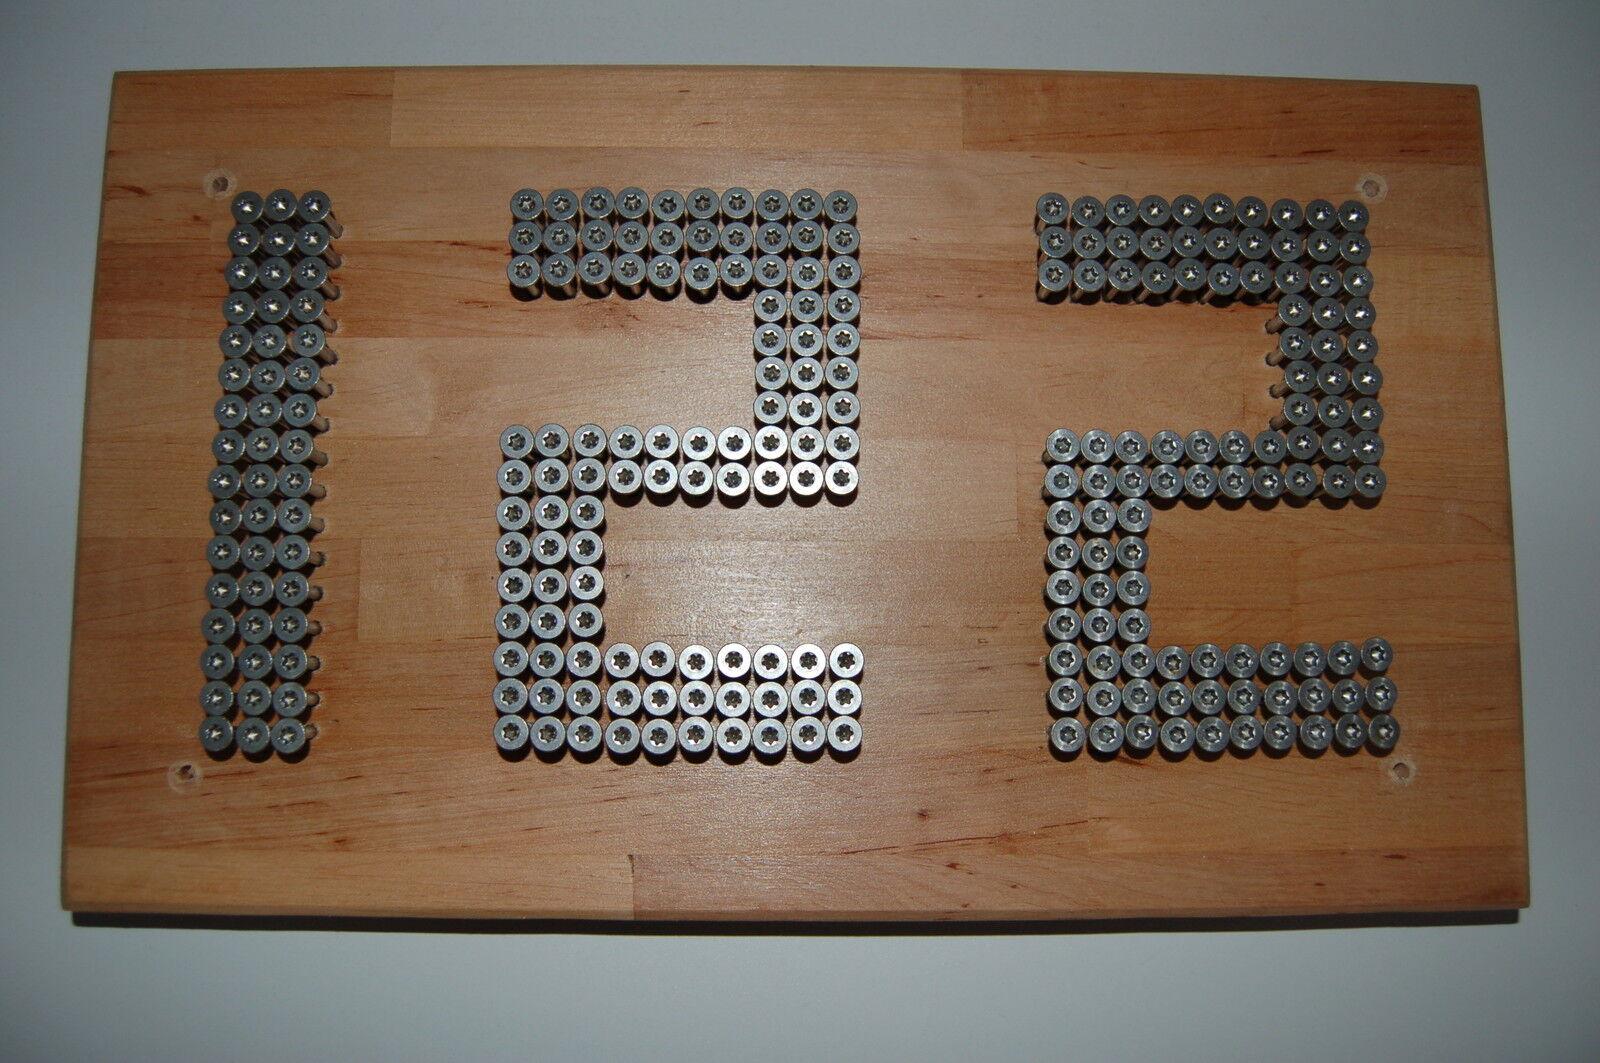 Designer Hausnummer aus Schrauben, Vollholz Lärche oder oder oder Buche, Schrauben A2 7e9ea9